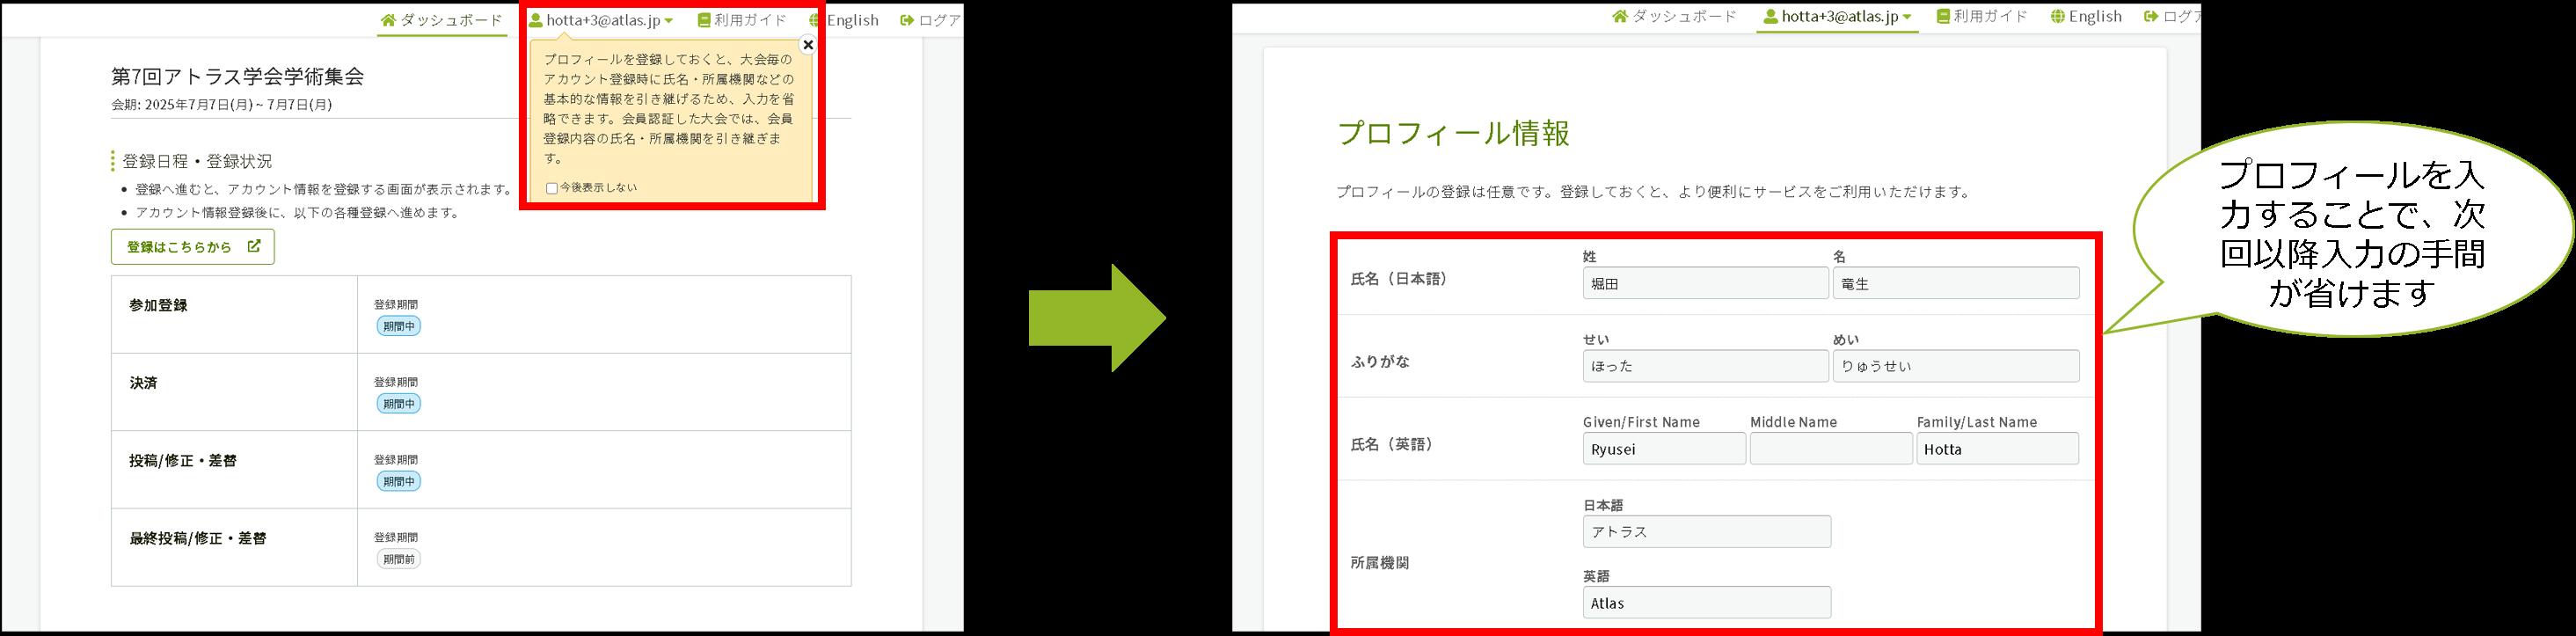 プロフィール情報登録画面のキャプチャ